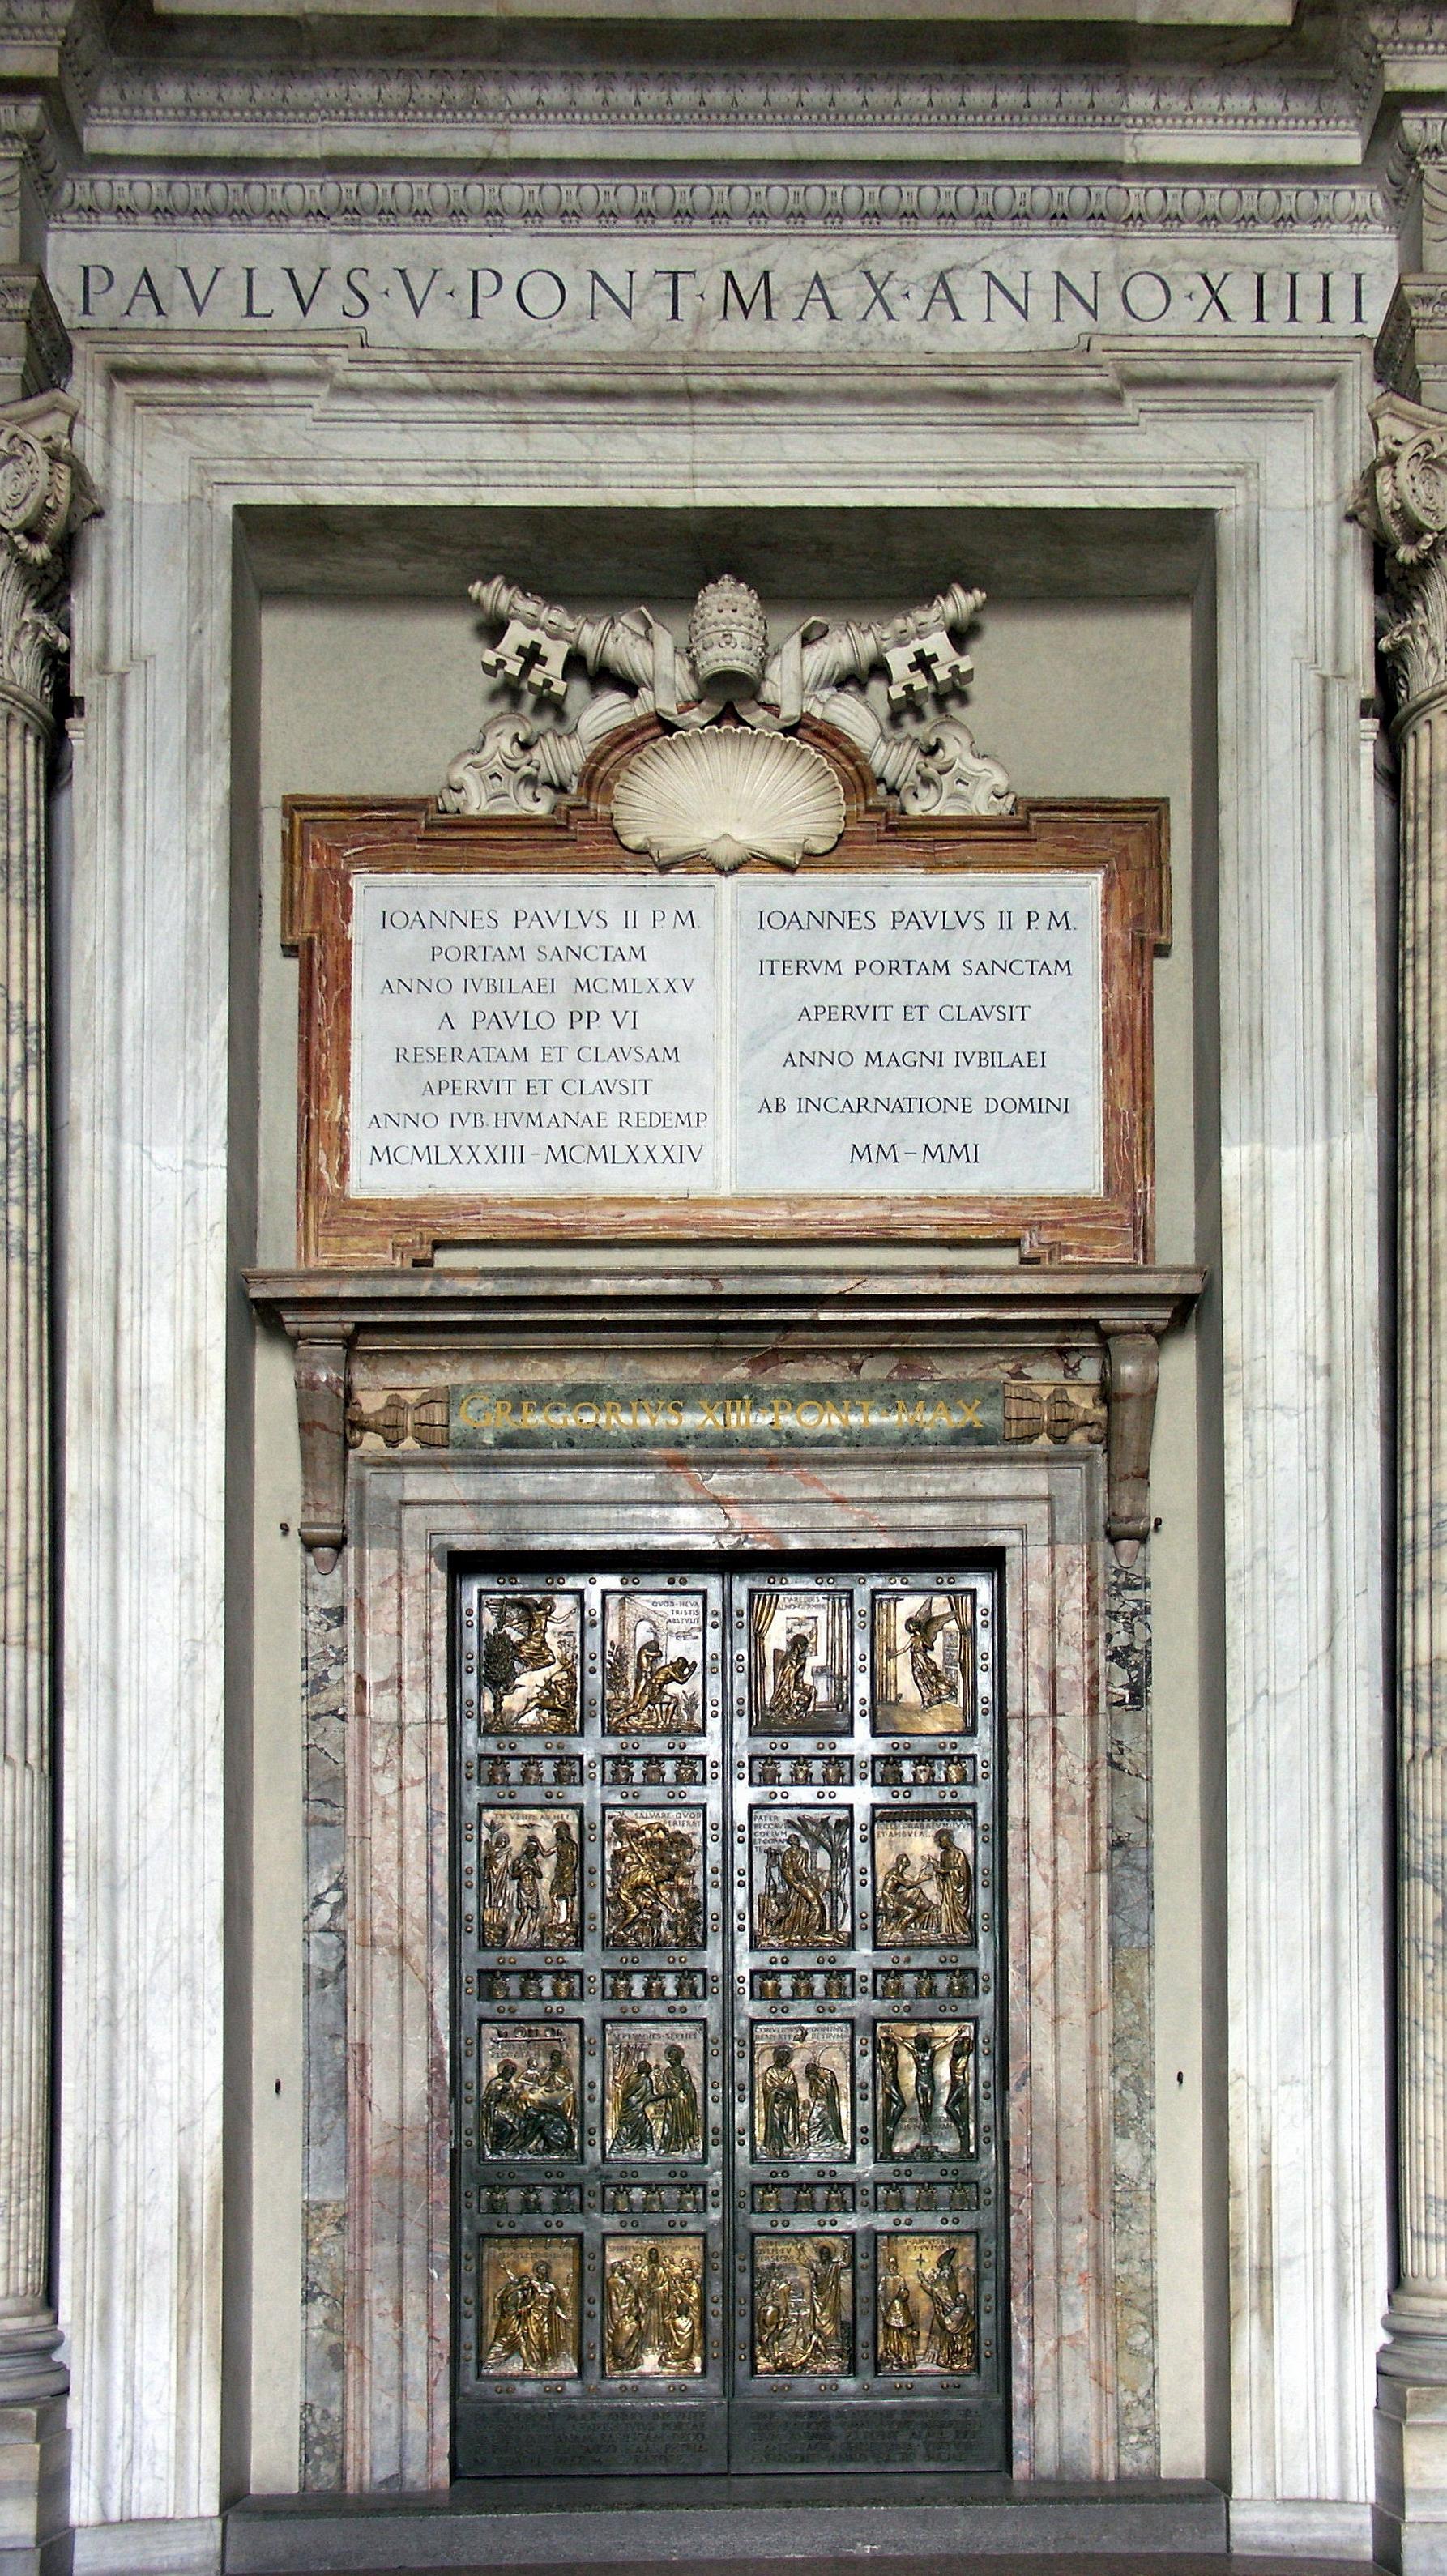 La Porta santa della basilica di San Pietro - Vico Consorti